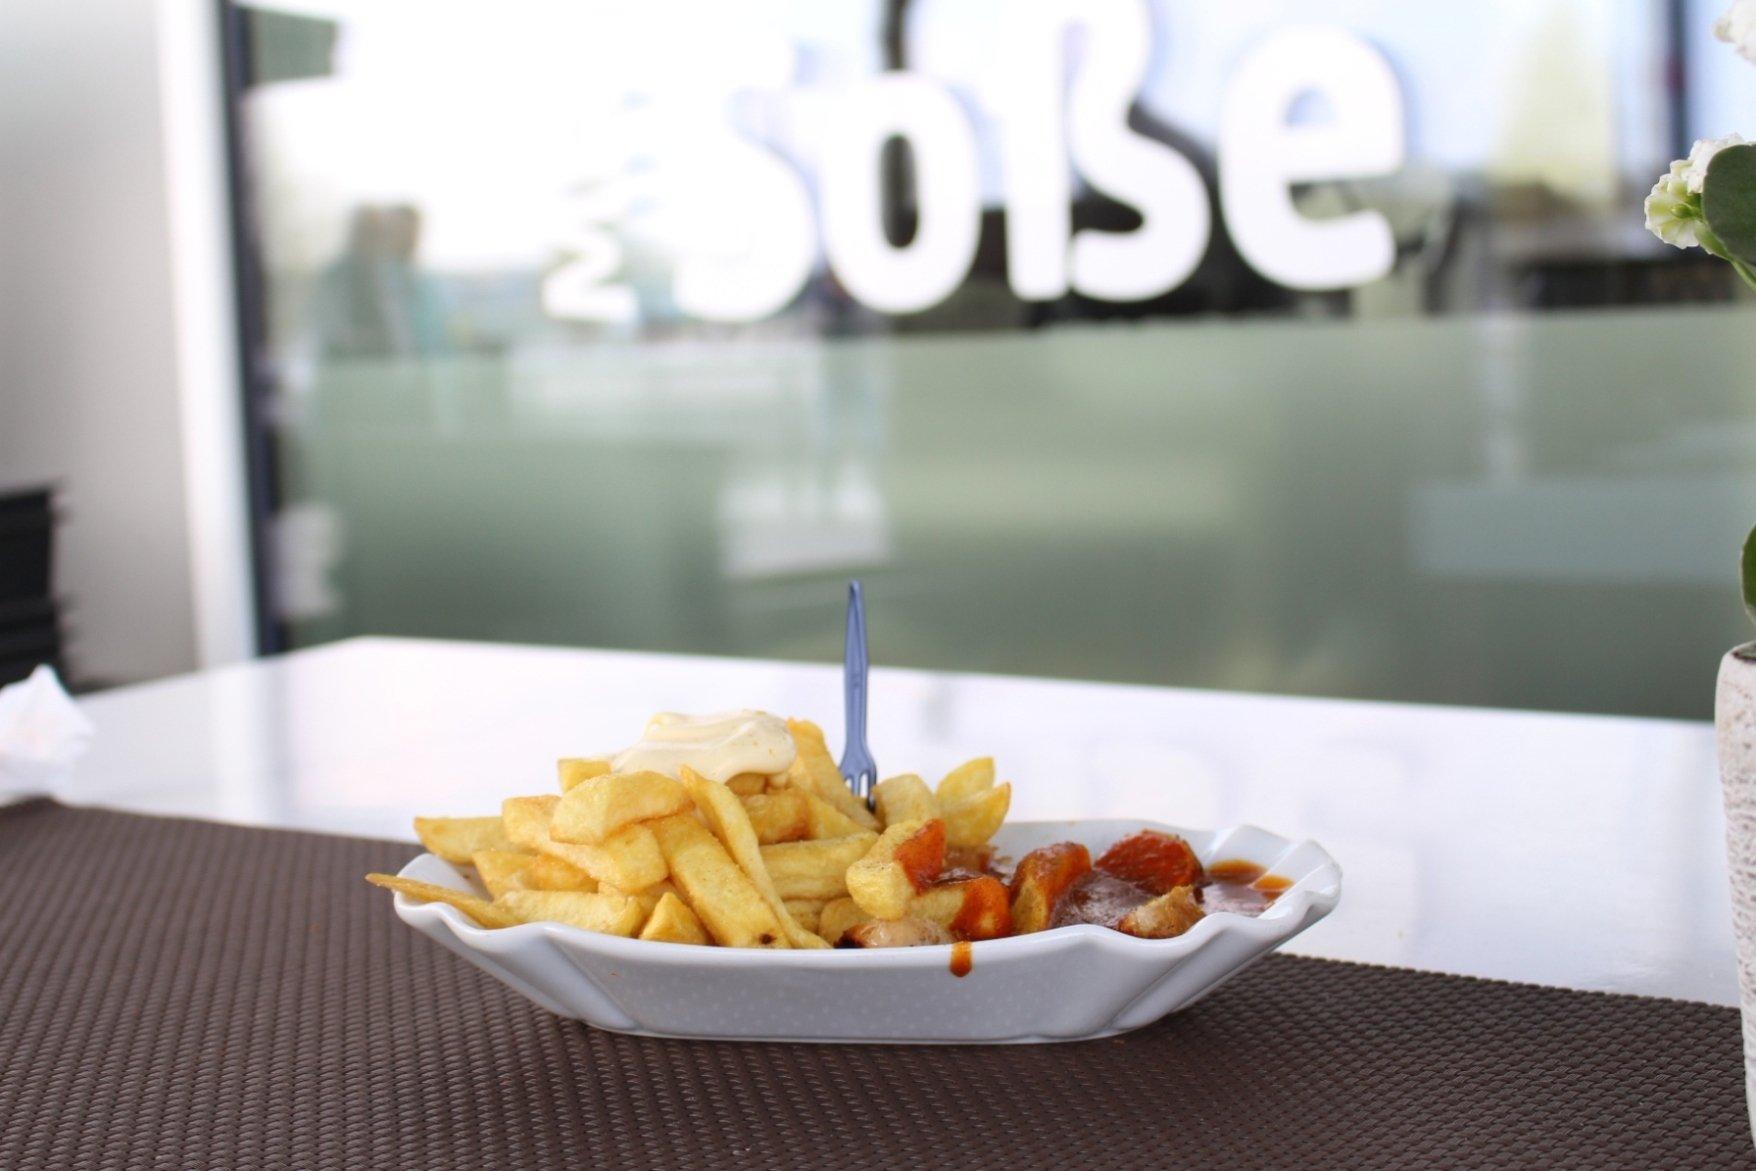 Wurst mit Soße, Dortmund